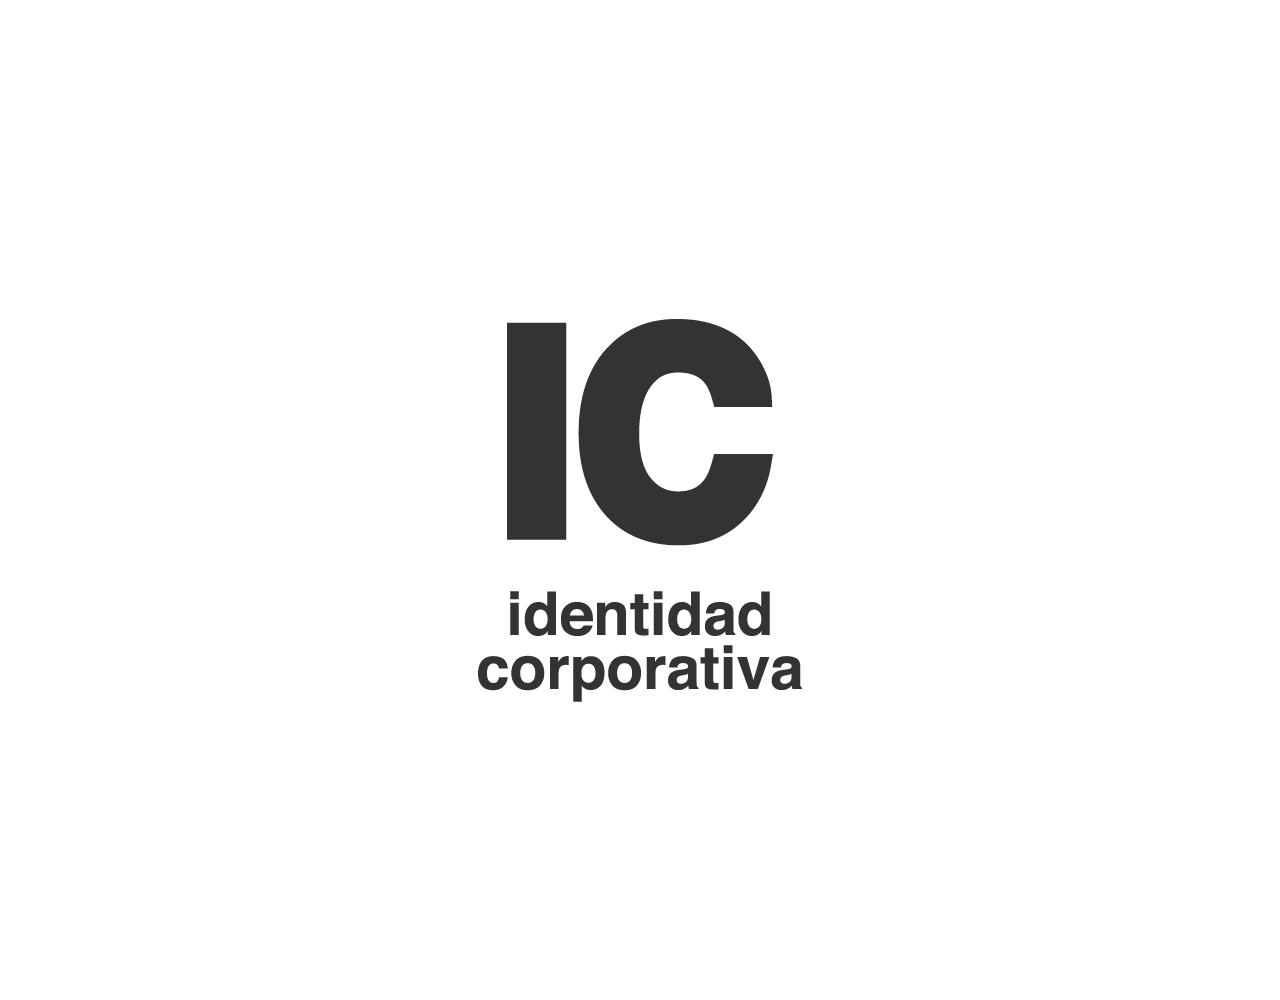 identidad-corporativa